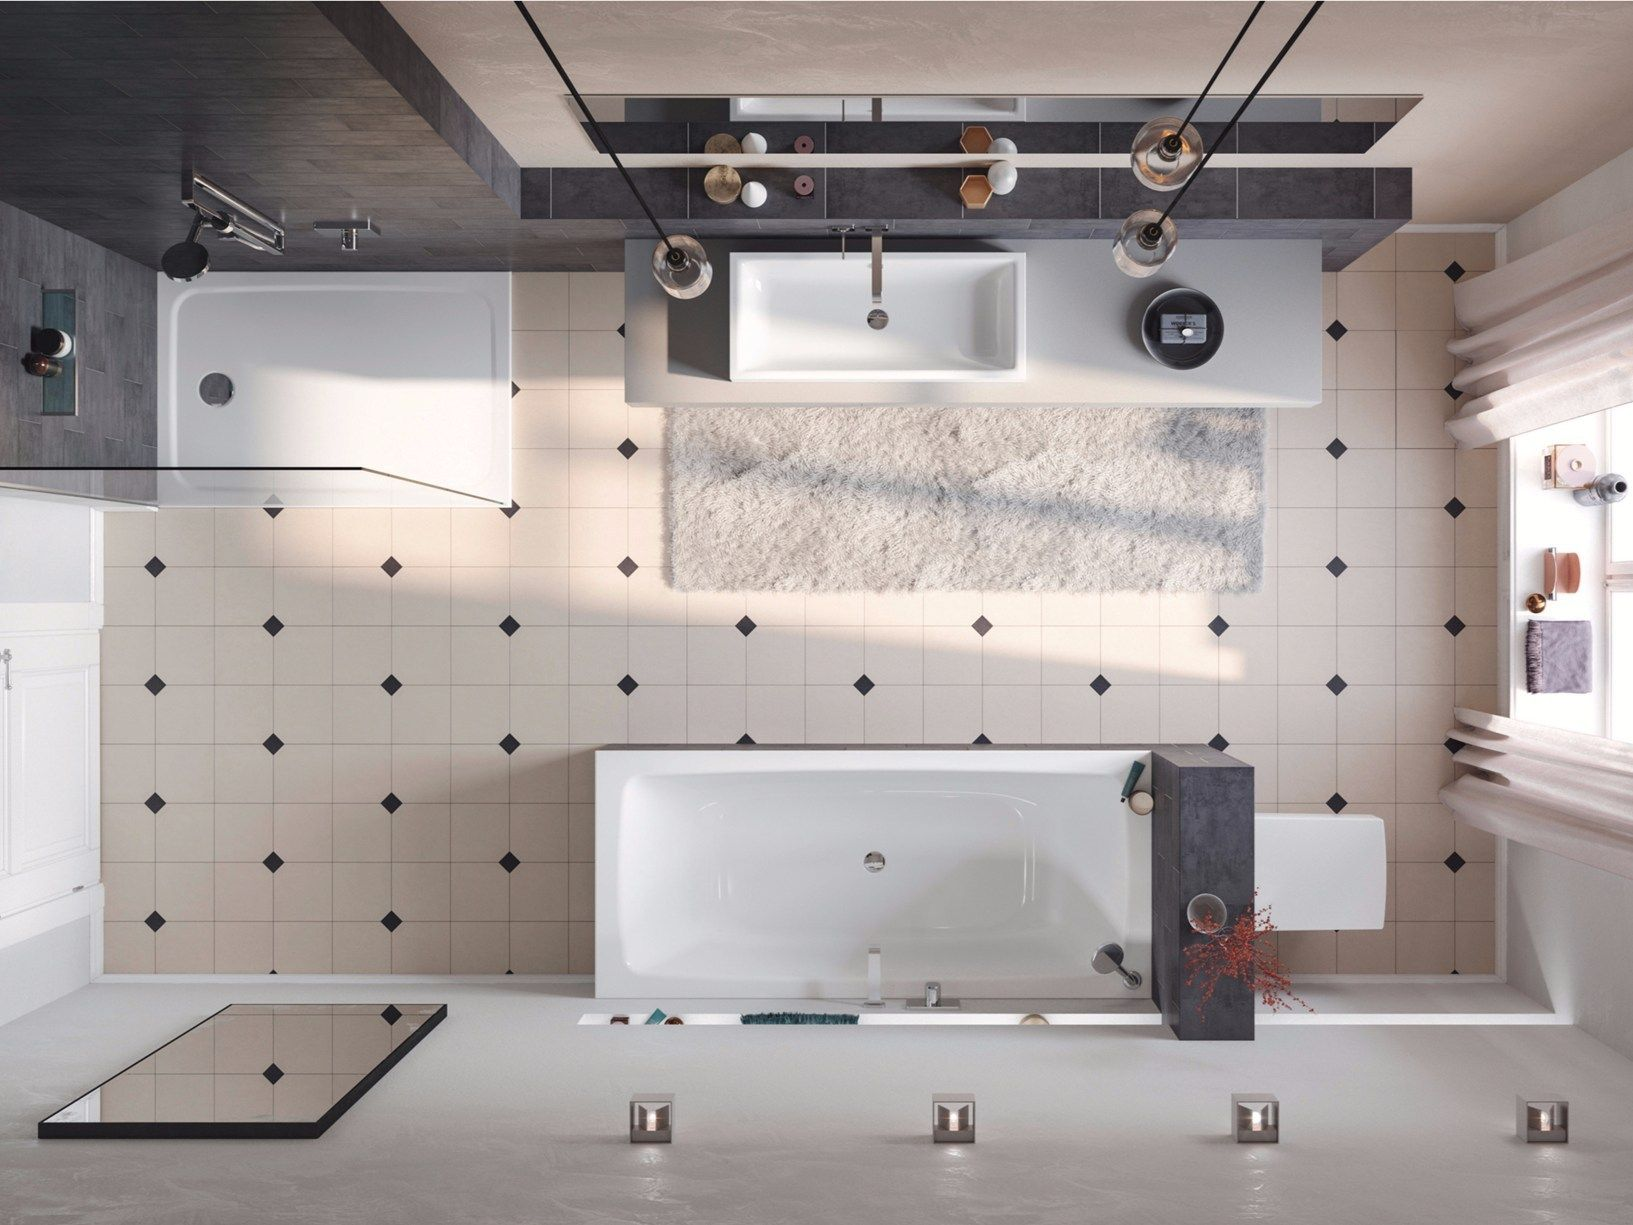 Vasca Da Bagno Kaldewei Prezzi : Kaldewei per le ristrutturazioni design a costi contenuti